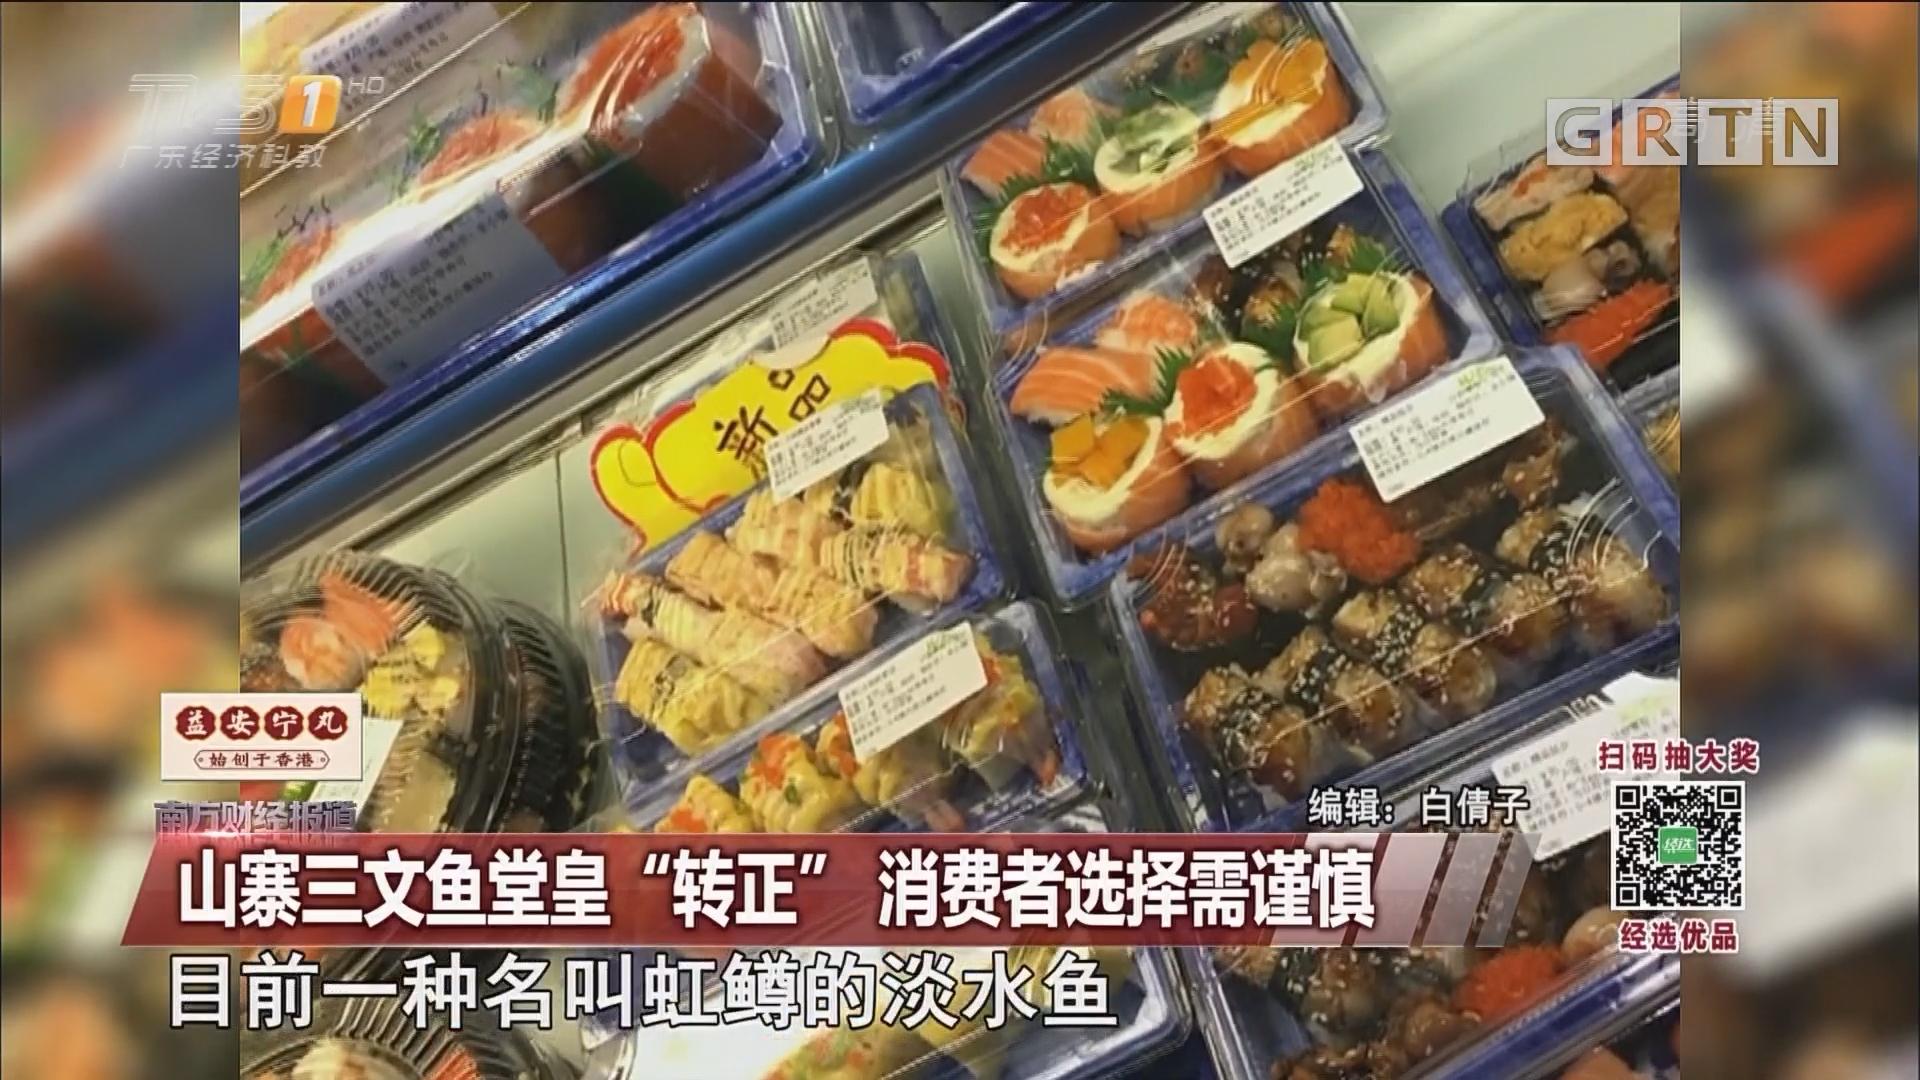 """山寨三文鱼堂皇""""转正"""" 消费者选择需谨慎"""